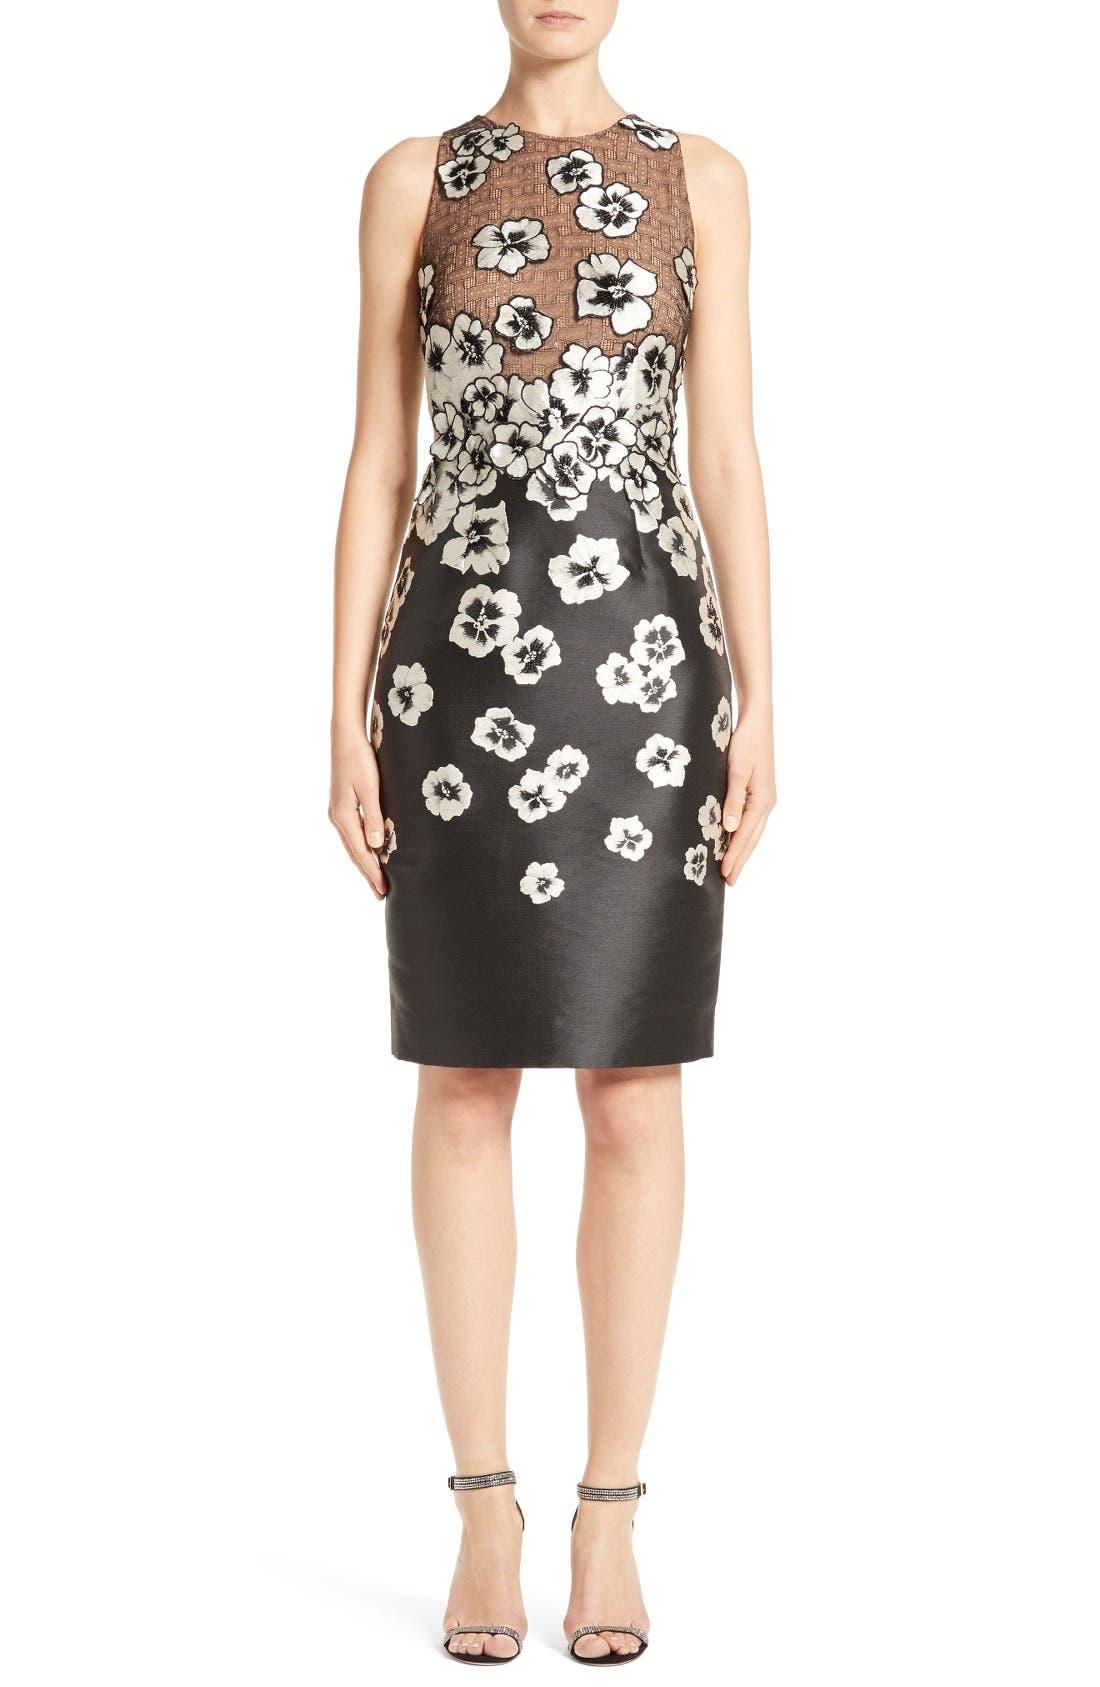 Carmen Marc Valvo Couture Floral Appliqué Sheath Dress